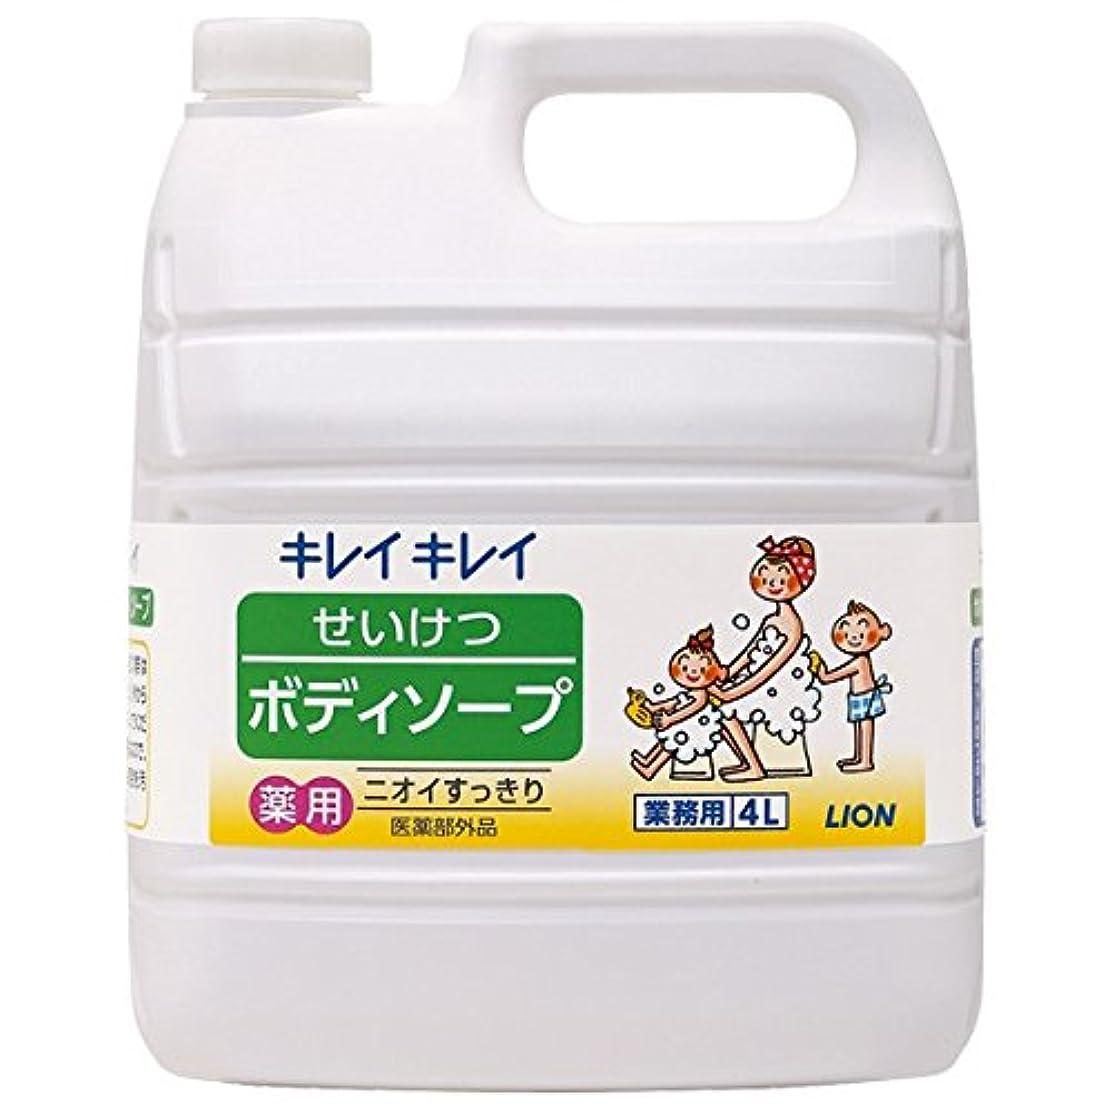 千男らしさメンタルライオン キレイキレイ せいけつボディソープ さわやかなレモン&オレンジの香り 業務用 4L×3本